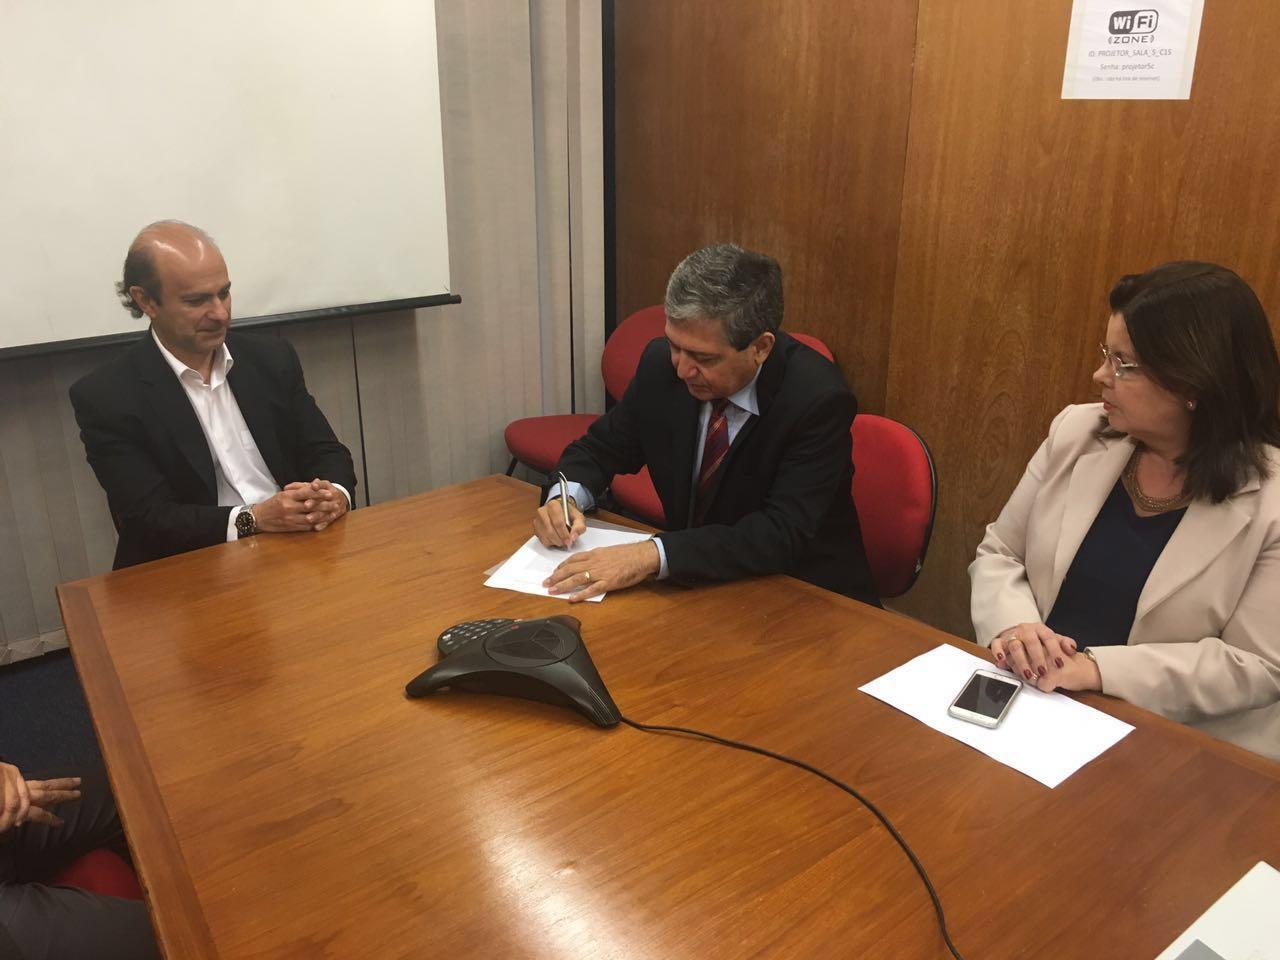 O novo diretor é funcionário concursado da Secretaria da Fazenda do Maranhão (Sefaz-MA)